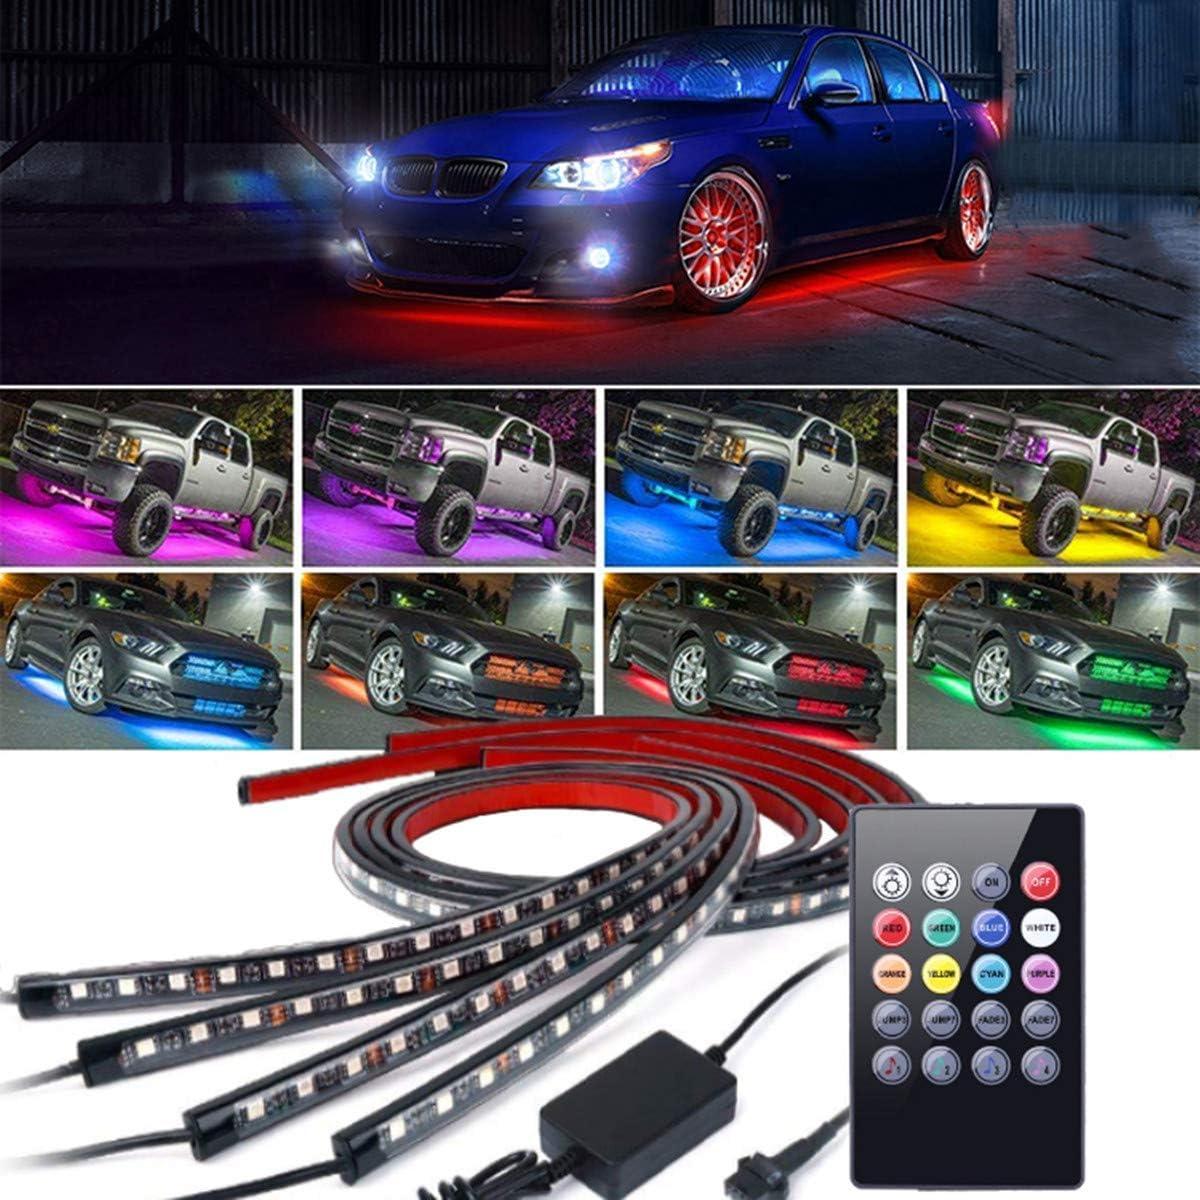 4 Pezzi Auto ad Alta intensit/à Neon Atmosfera Decorativa Striscia di Luce Sistema di sottoscocca Impermeabile Tubo RGB 8 Colore,60 Sottobagliore LED Light Kit 90